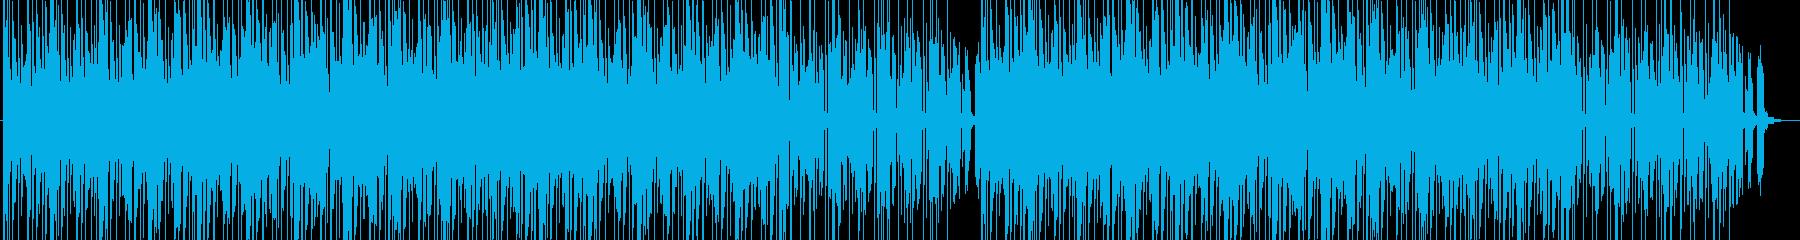 R&B風のリズムに乗せたチルアウトの再生済みの波形